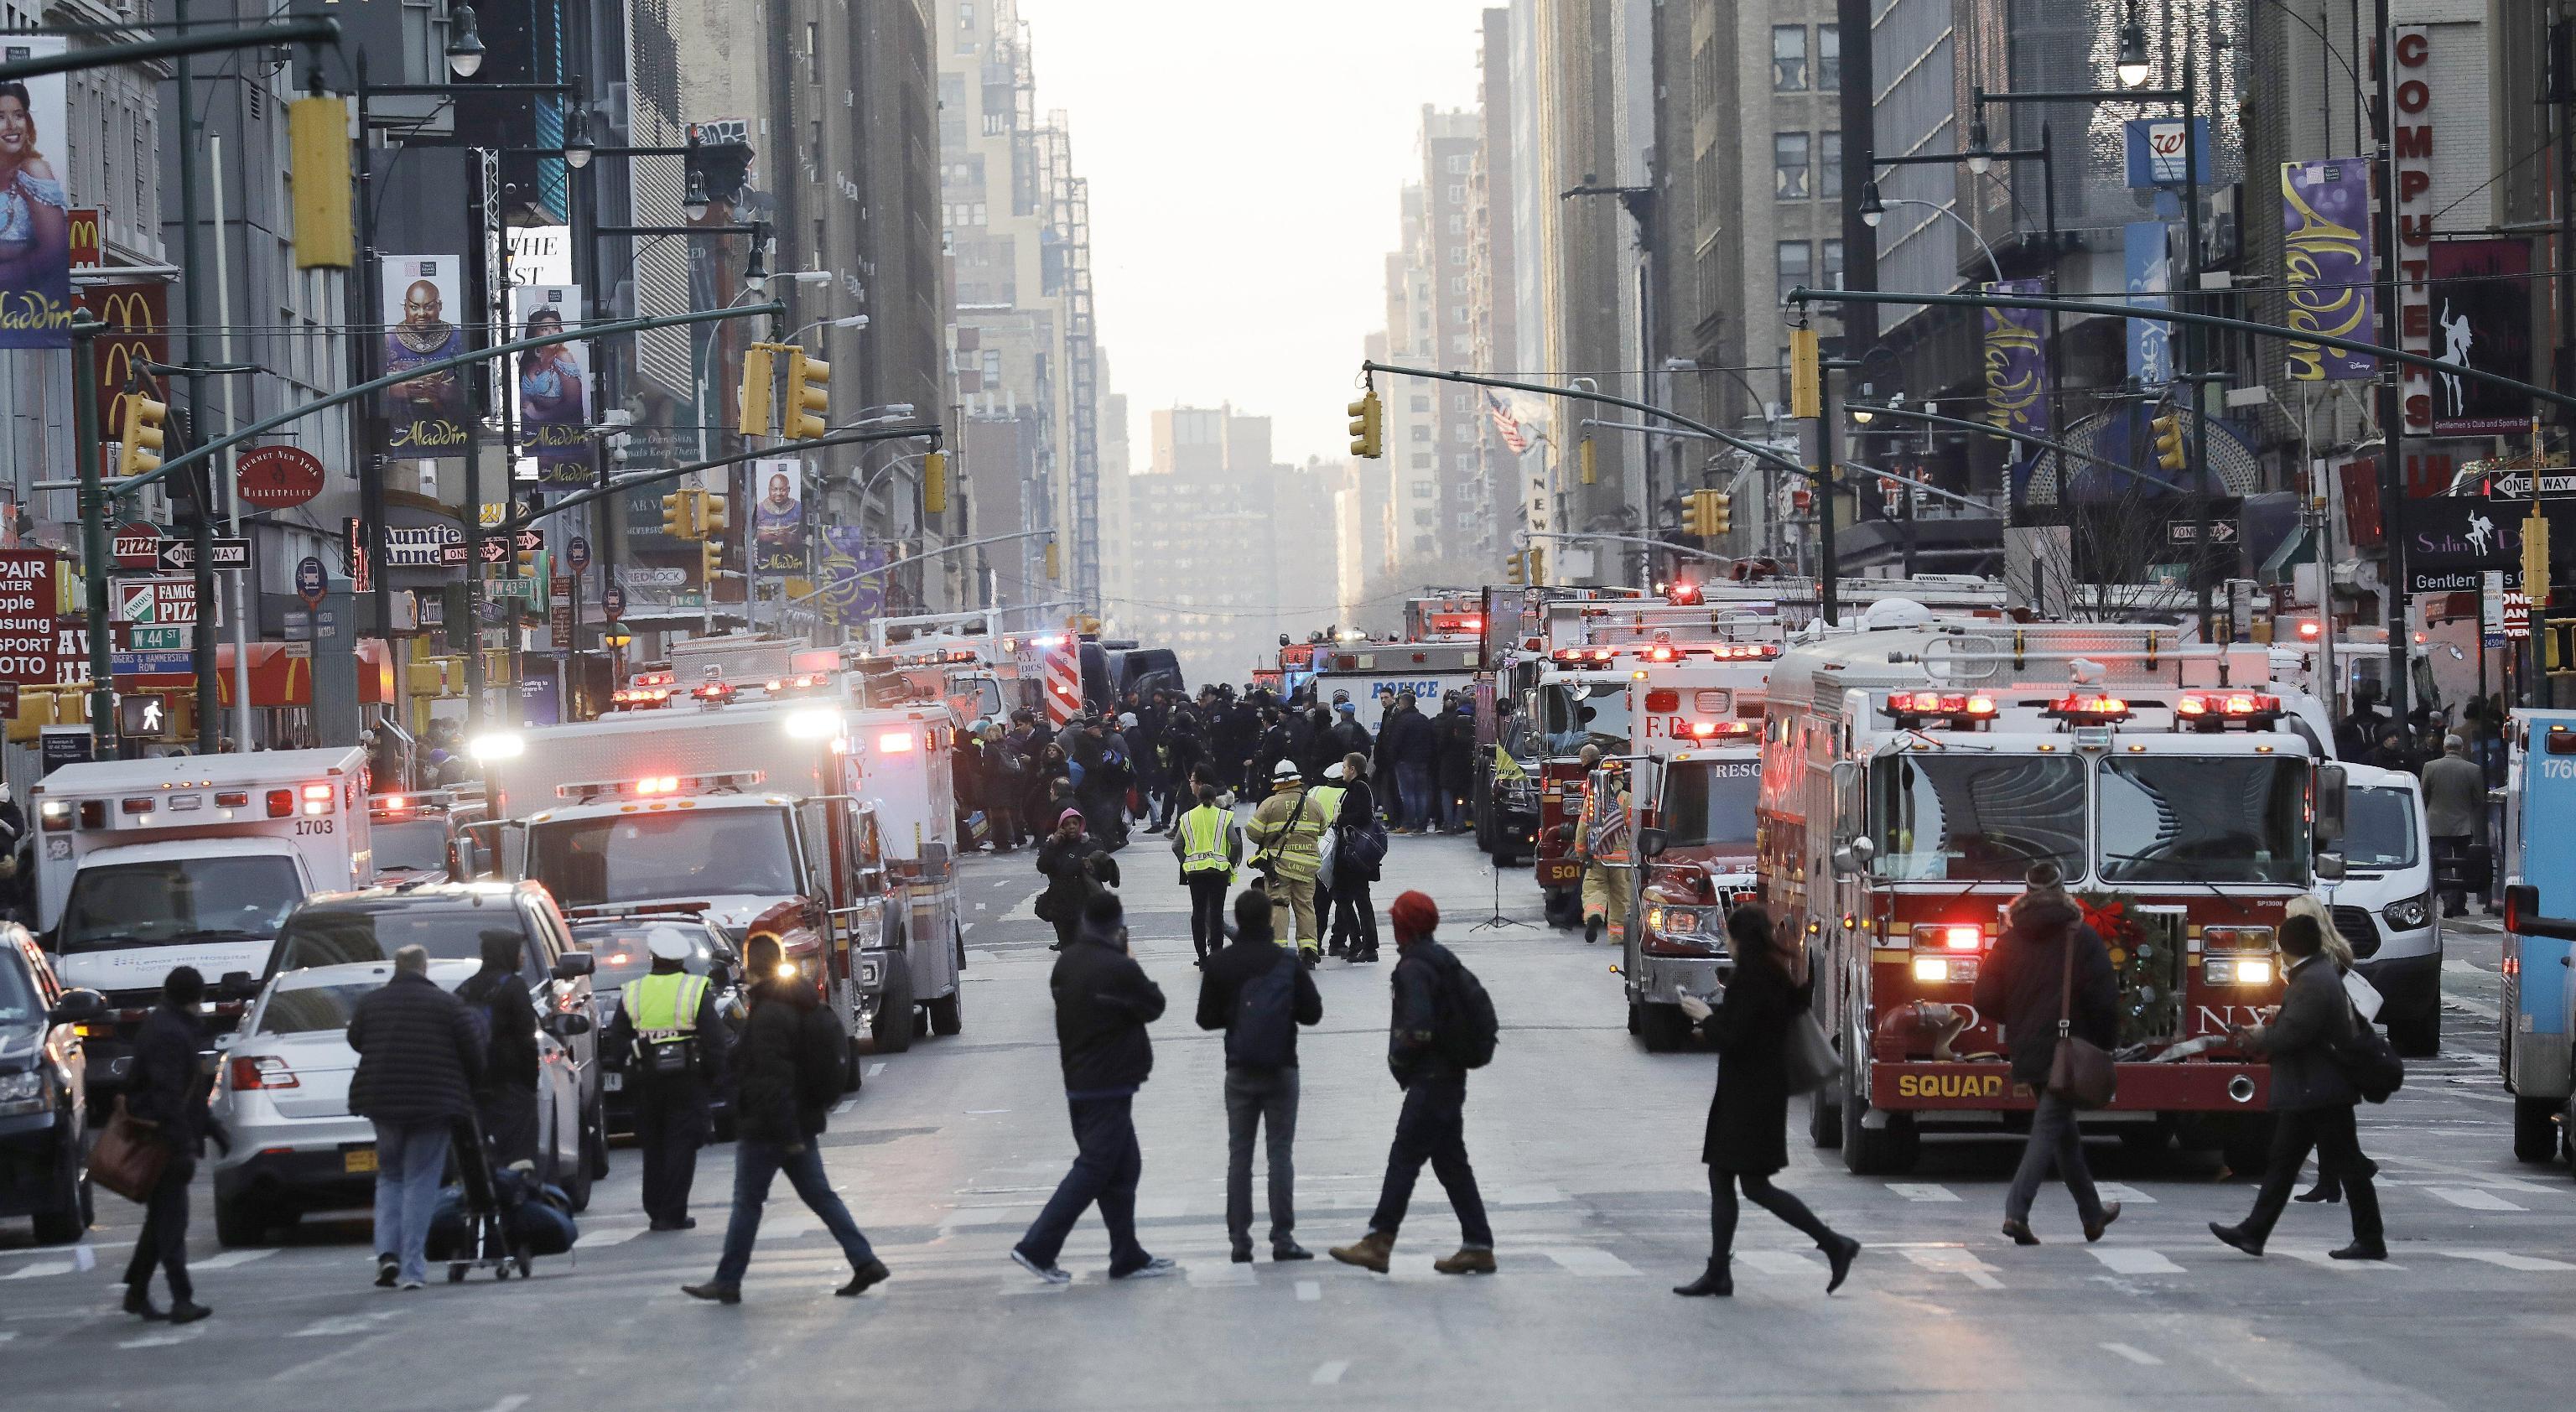 Attentato a New York: chi è Akayed Ullah, l'attentatore bengalese che voleva vendetta